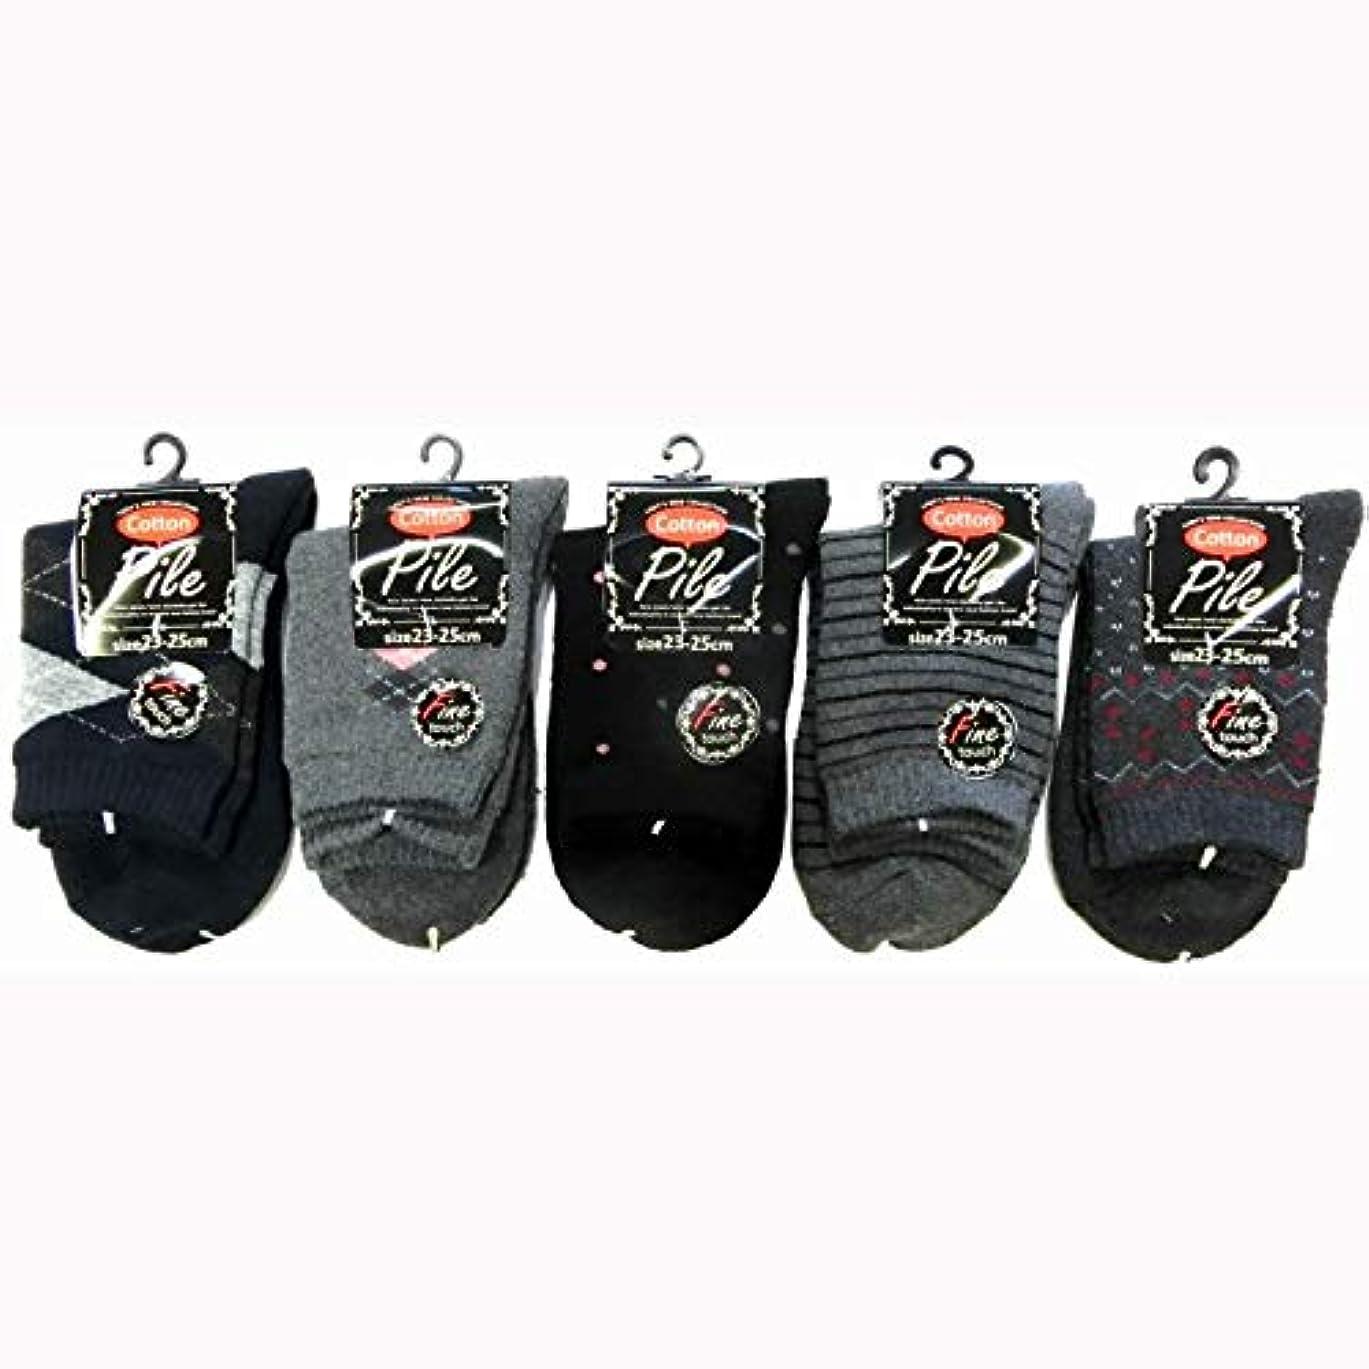 ボックスシリーズ十代靴下 レディース あったか パイルソックス モノトーン柄 ふんわりあったか お買得5足組(柄はお任せ)